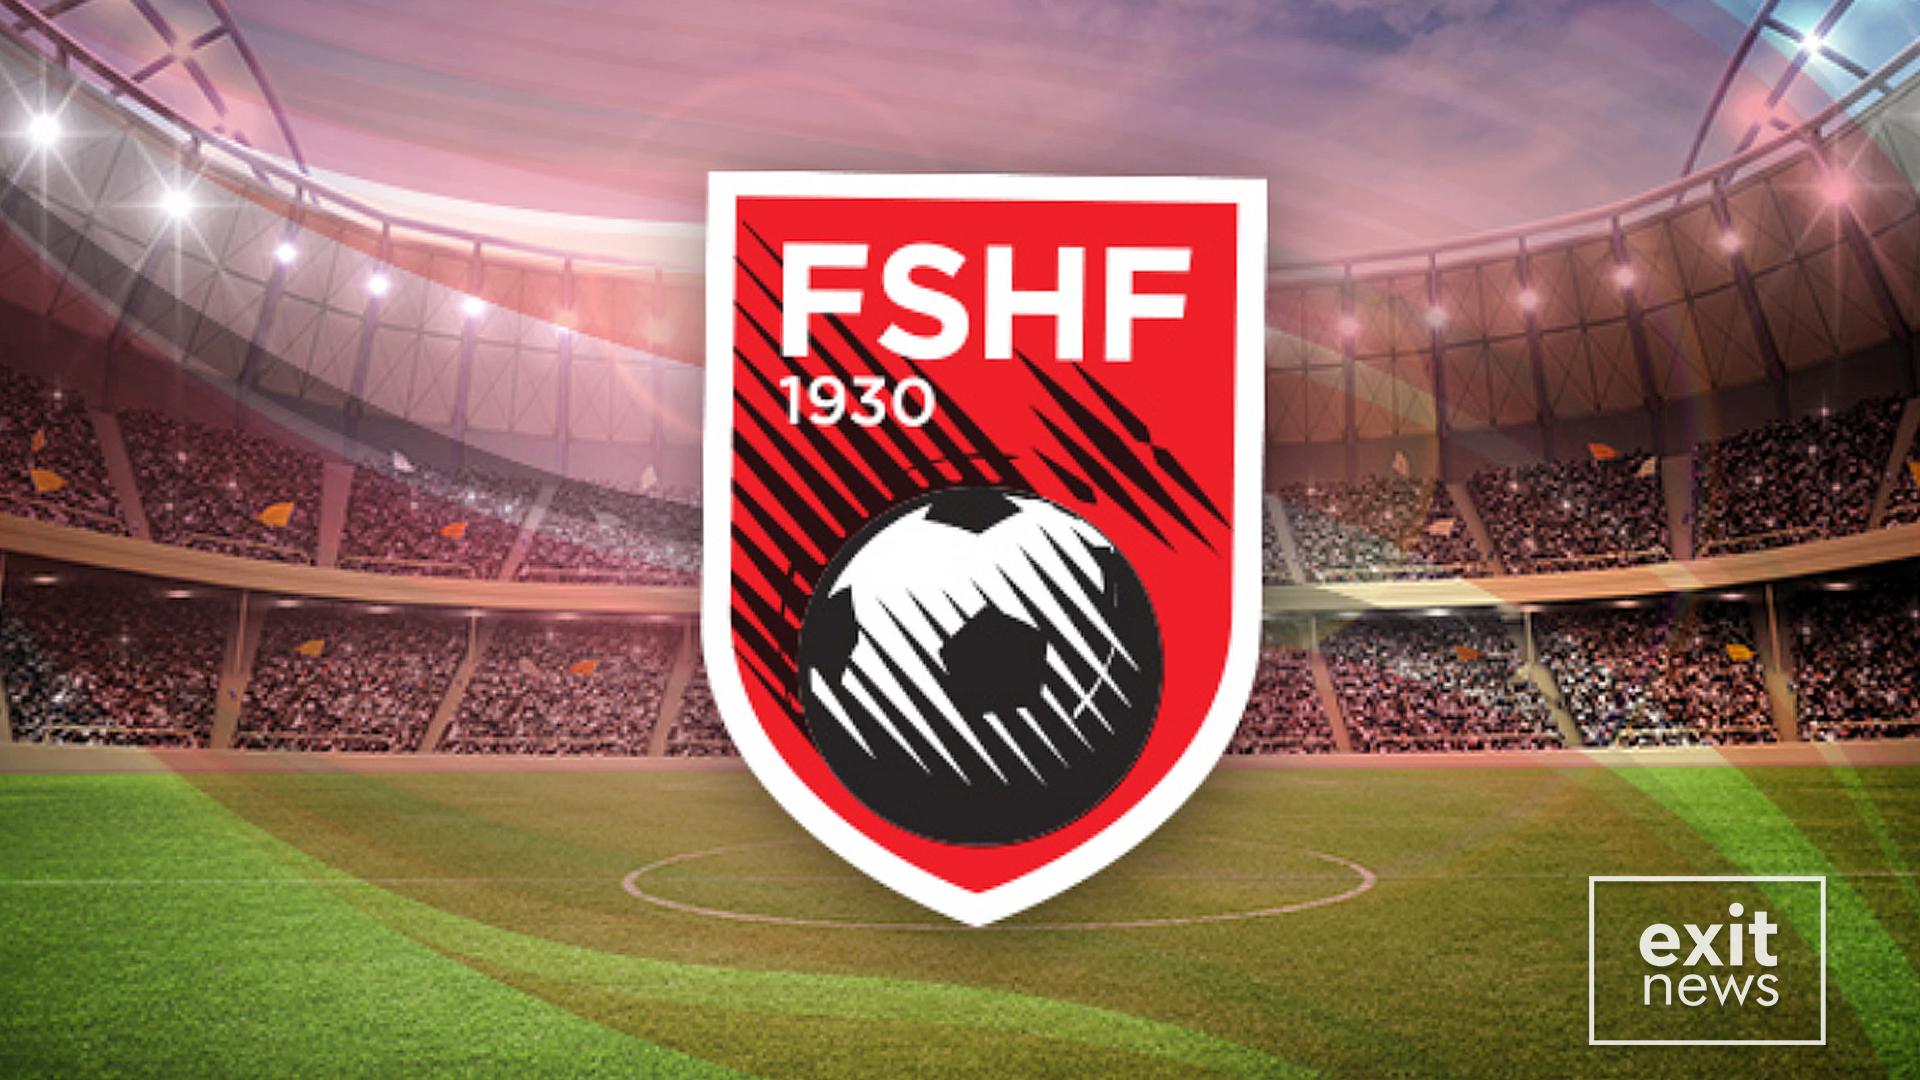 FSHF inaguron nisjen e punimeve për 4 banesa në Bubq